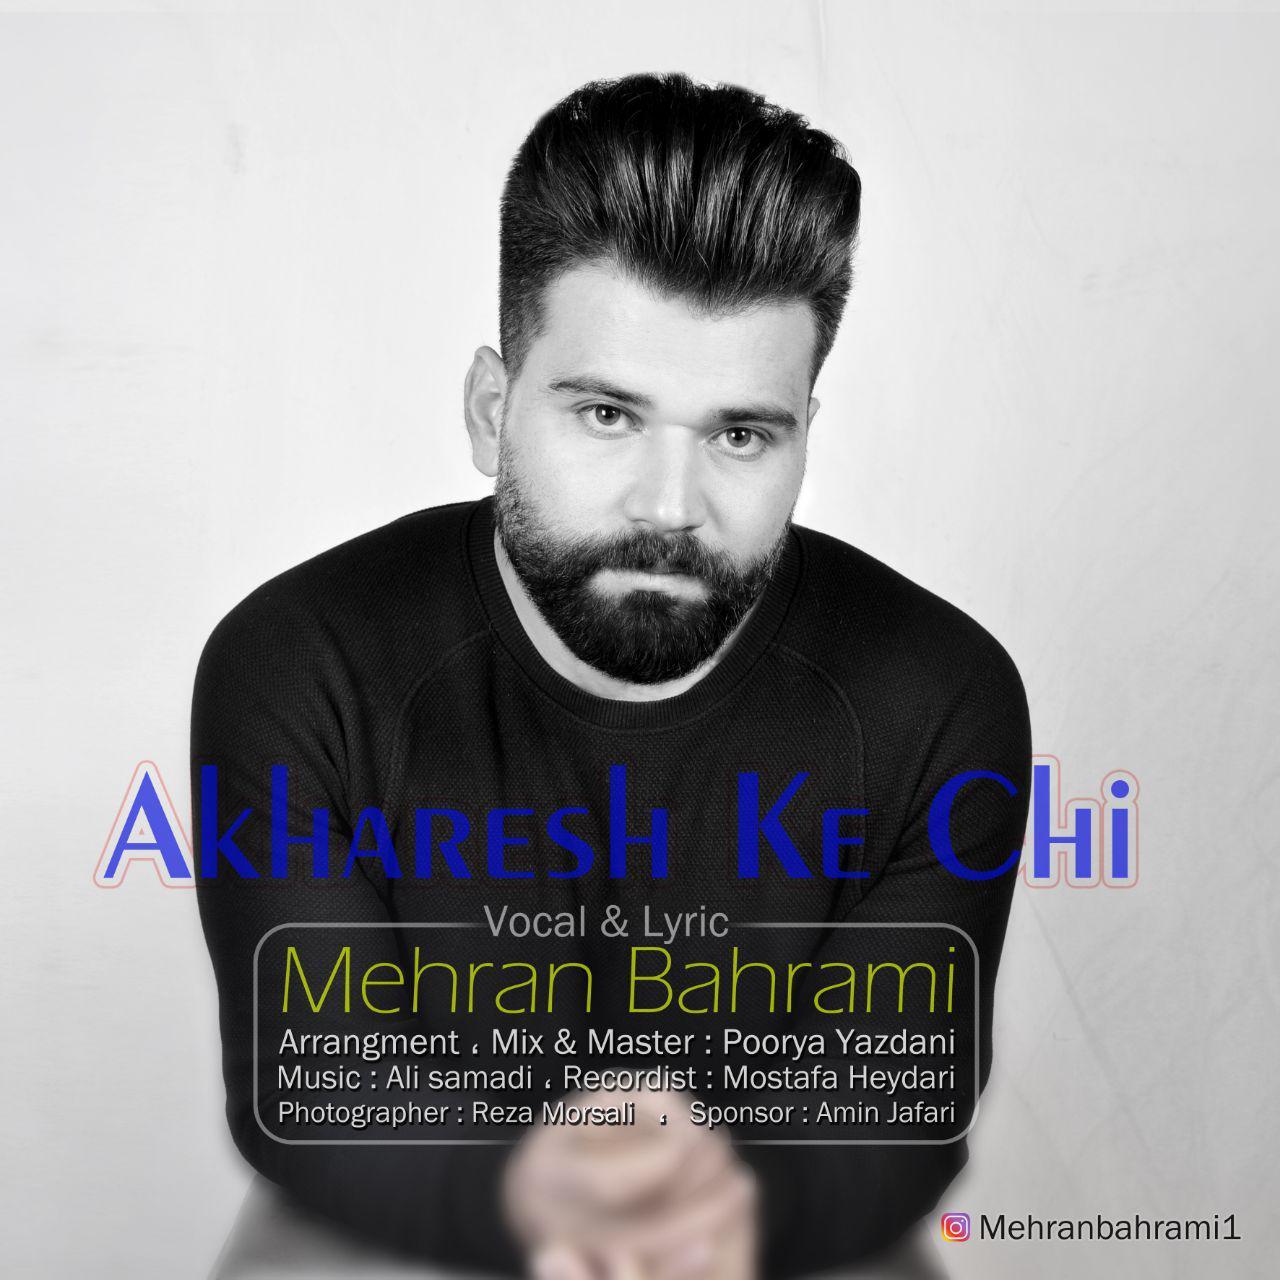 Mehran Bahrami – Akharesh Ke Chi